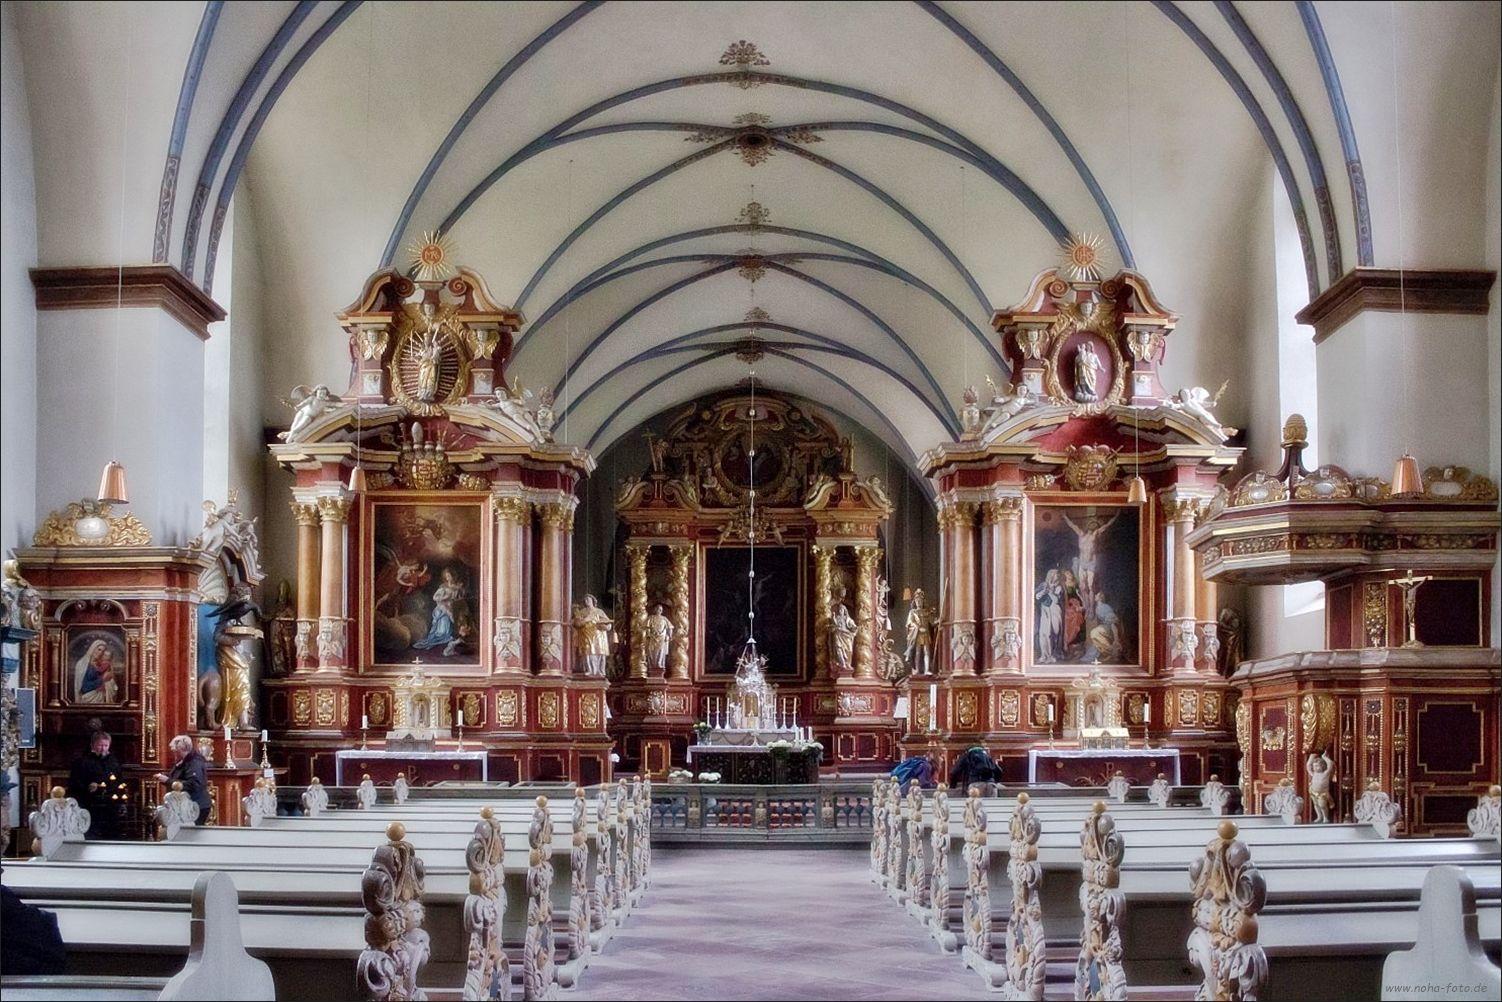 Wird die ehem. Klosterkirche Corvey im Juni zum Unesco Welterbe ernannt...